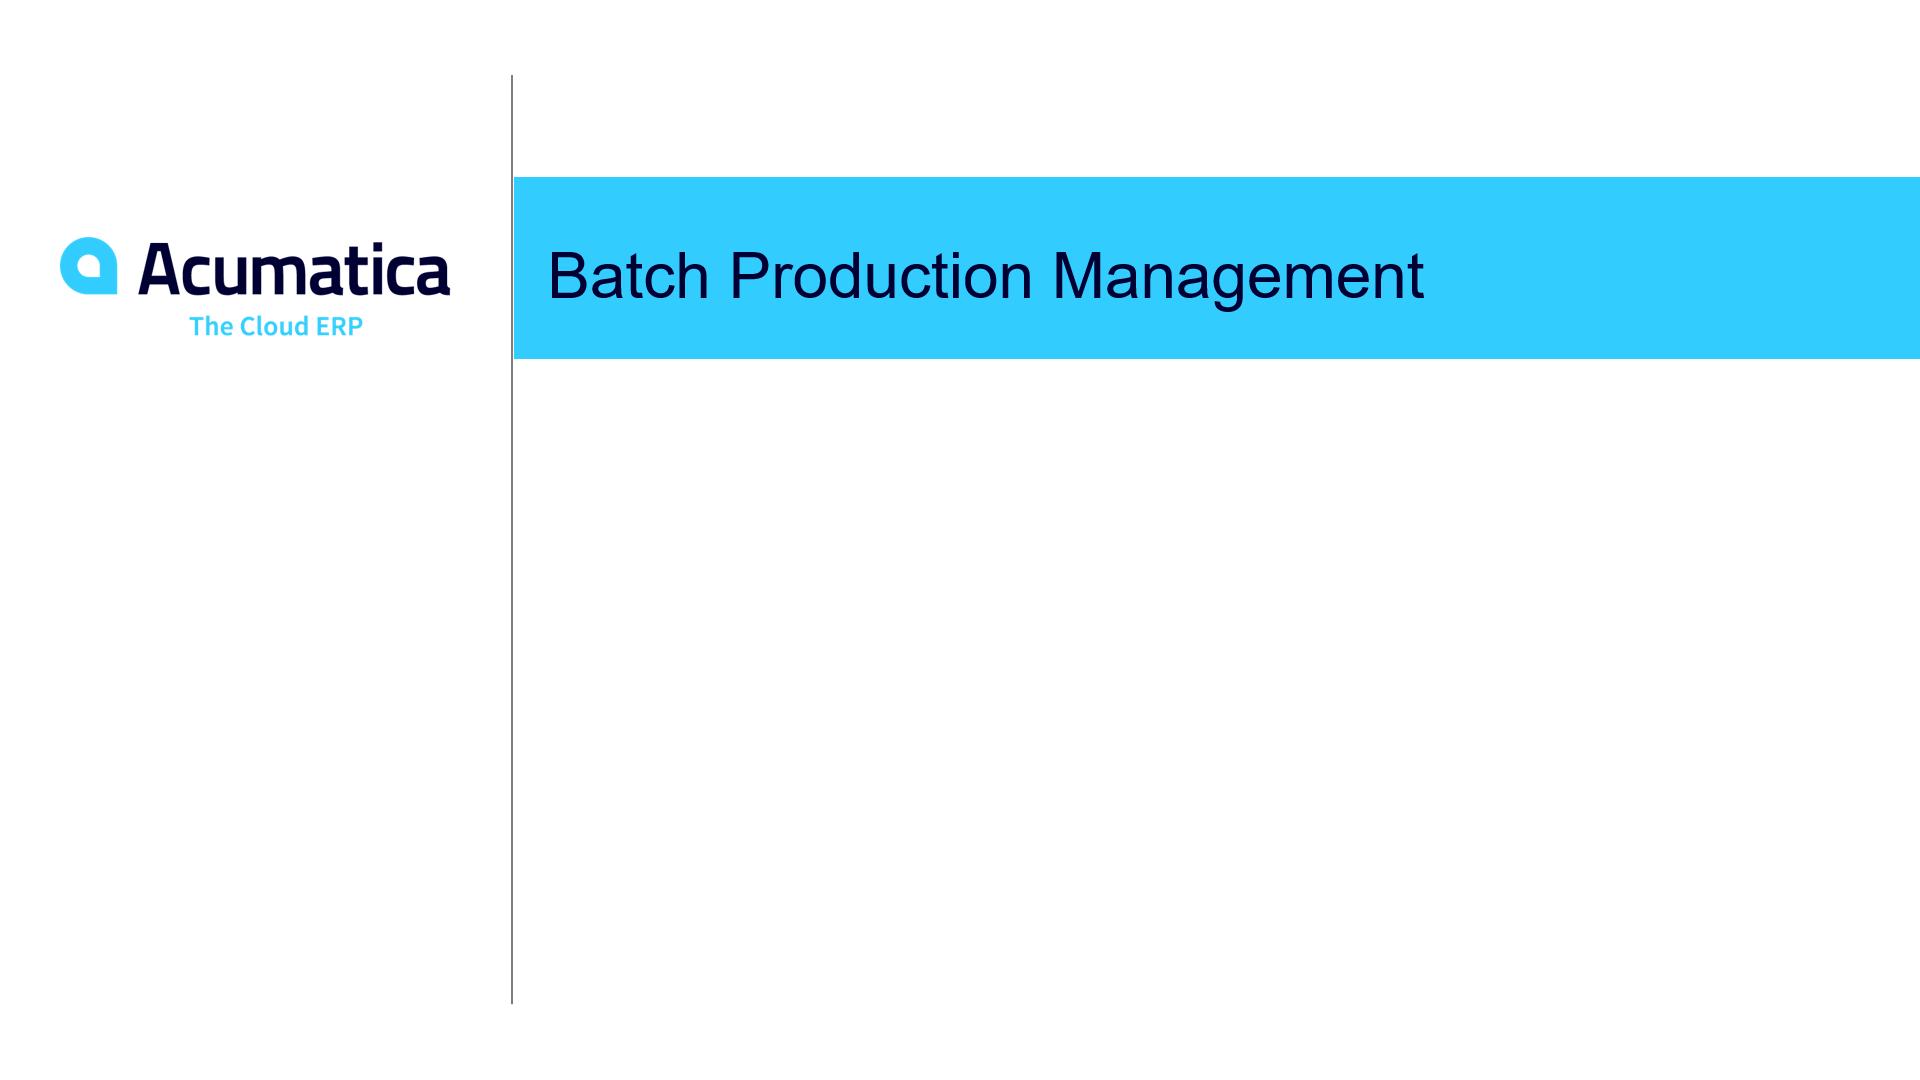 Batch Production Management